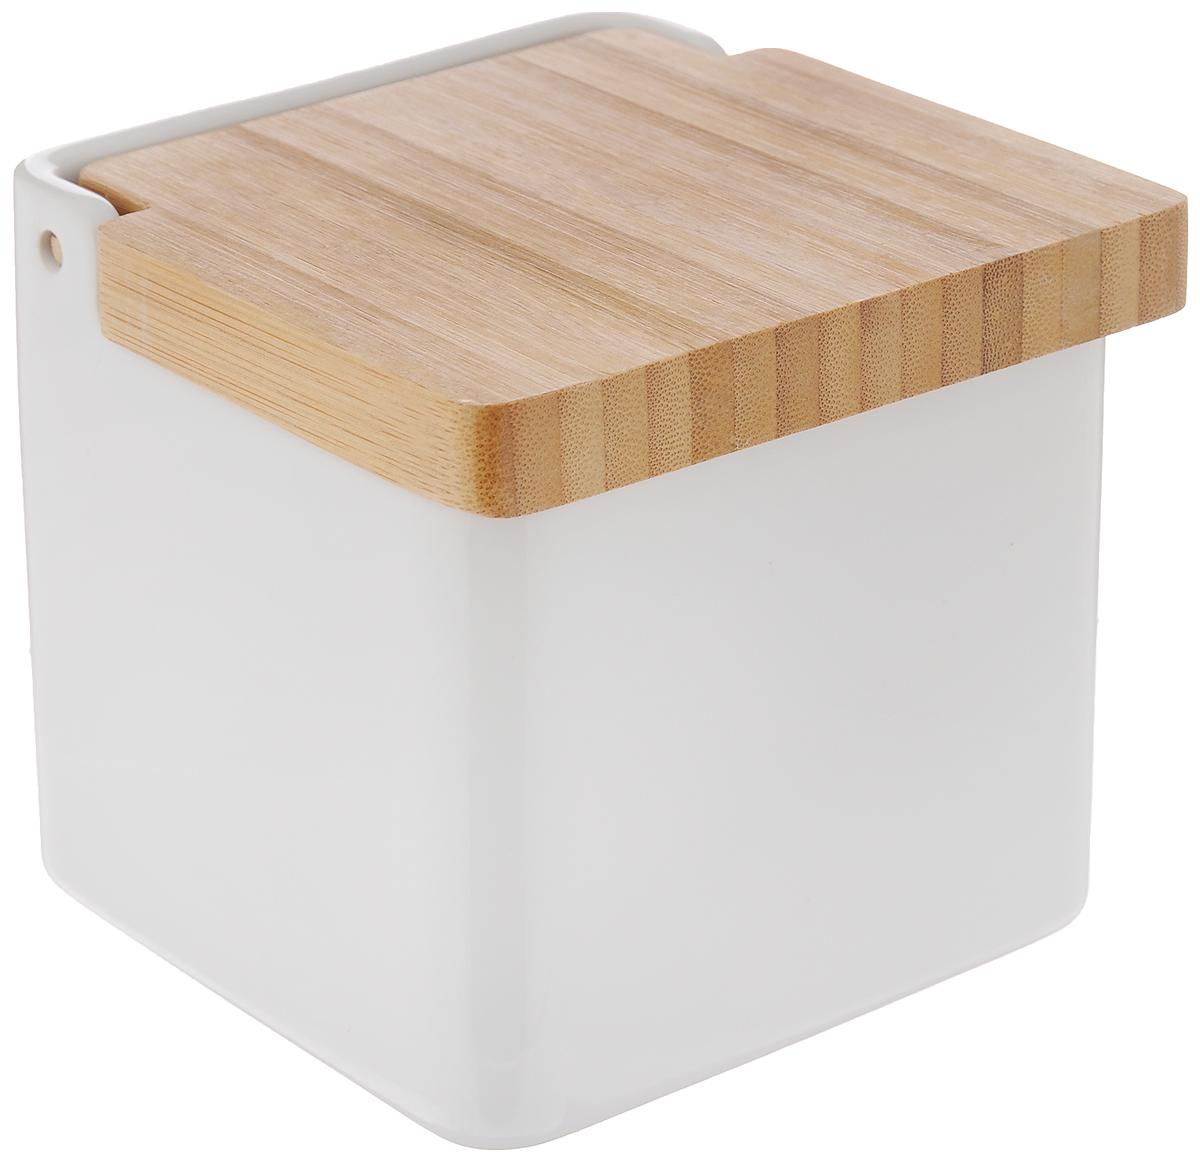 Емкость для сыпучих продуктов Tescoma Online, 750 мл900884Емкость для сыпучих продуктов Tescoma Online изготовлена из высококачественной керамики. Крышка выполнена из прочной древесины бамбука. Продукты дольше остаются свежими и ароматными. Банка подходит для хранения круп, муки, чая, соли, панировочных сухарей и многого другого. Исключительный внешний вид изделия позволяет идеально вписать его в любой интерьер. Нельзя мыть в посудомоечной машине.